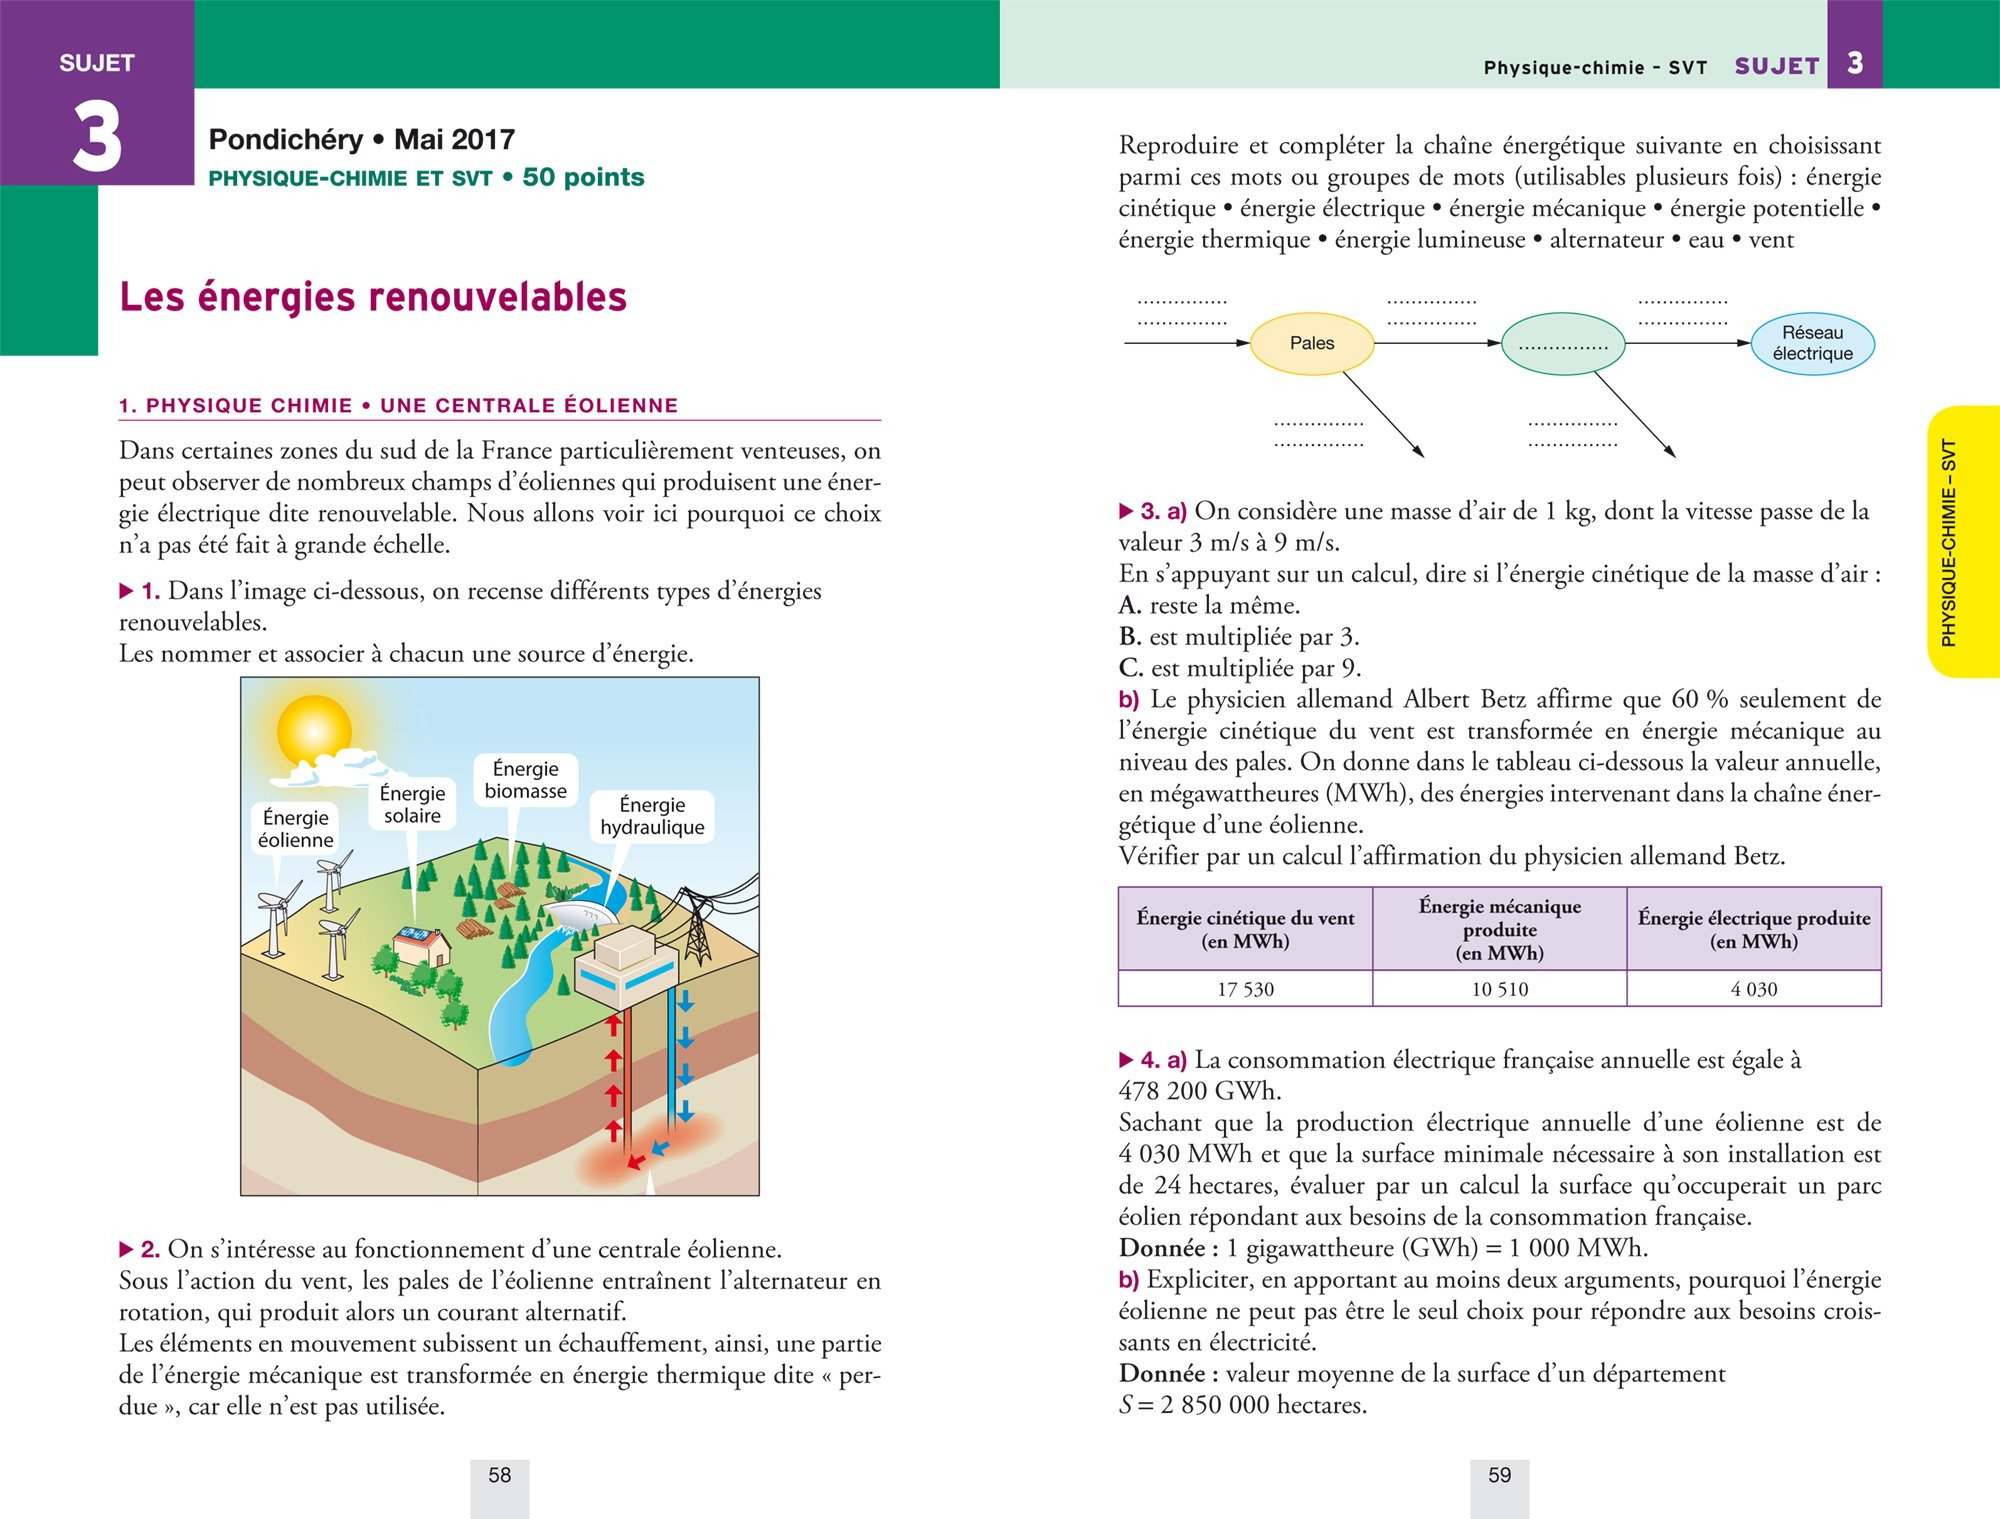 Annales Annabrevet 2018 Physique-chimie SVT Technologie 3e: sujets et corrigés, nouveau brevet: Amazon.es: Emmanuelle Michaud, Sonia Madani, Joël Carrasco, ...